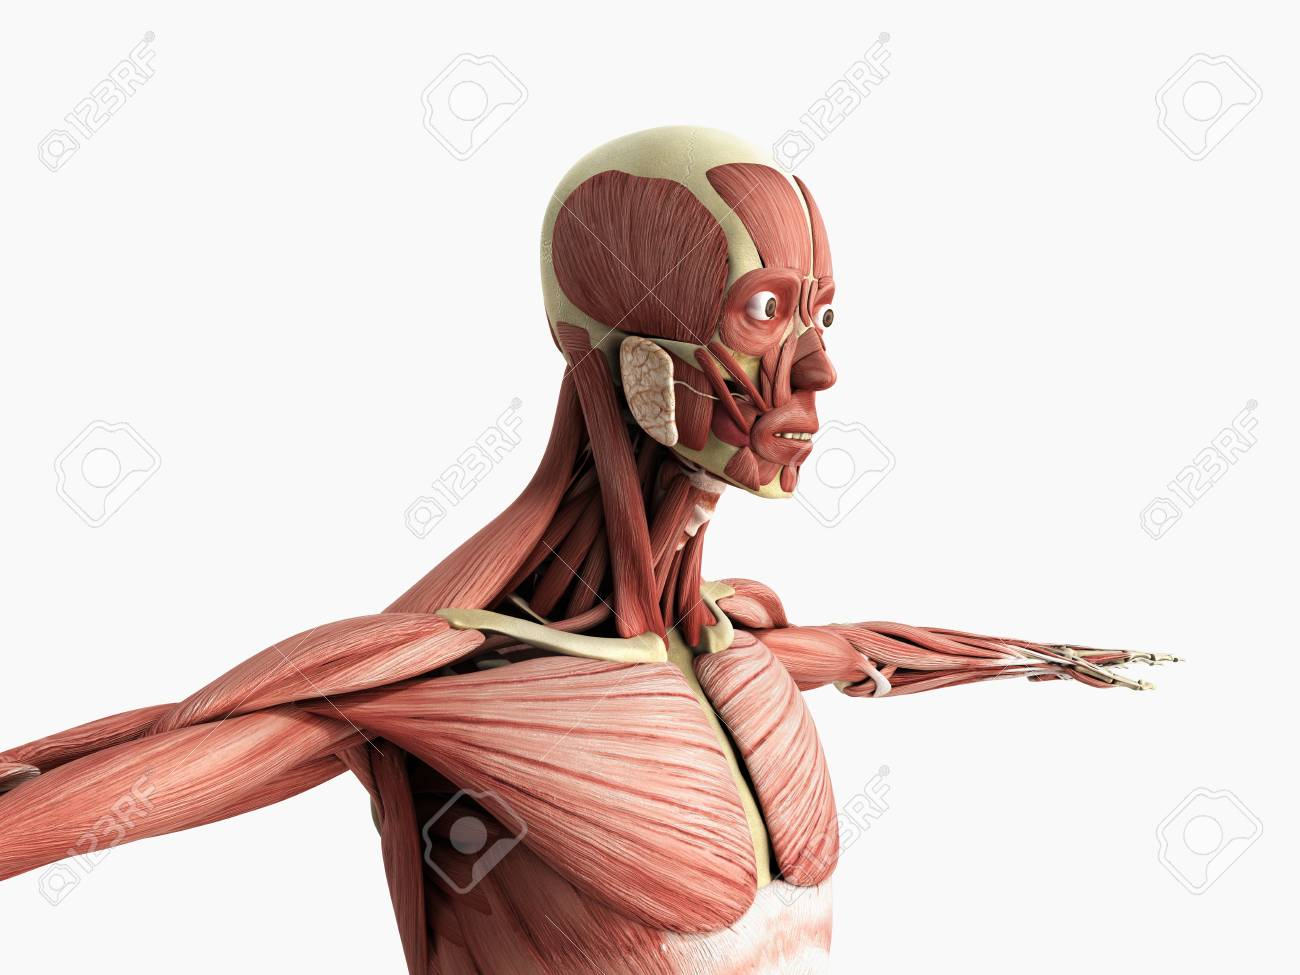 Menschliche Muskel Anatomie 3d Render Auf Weiß Lizenzfreie Fotos ...